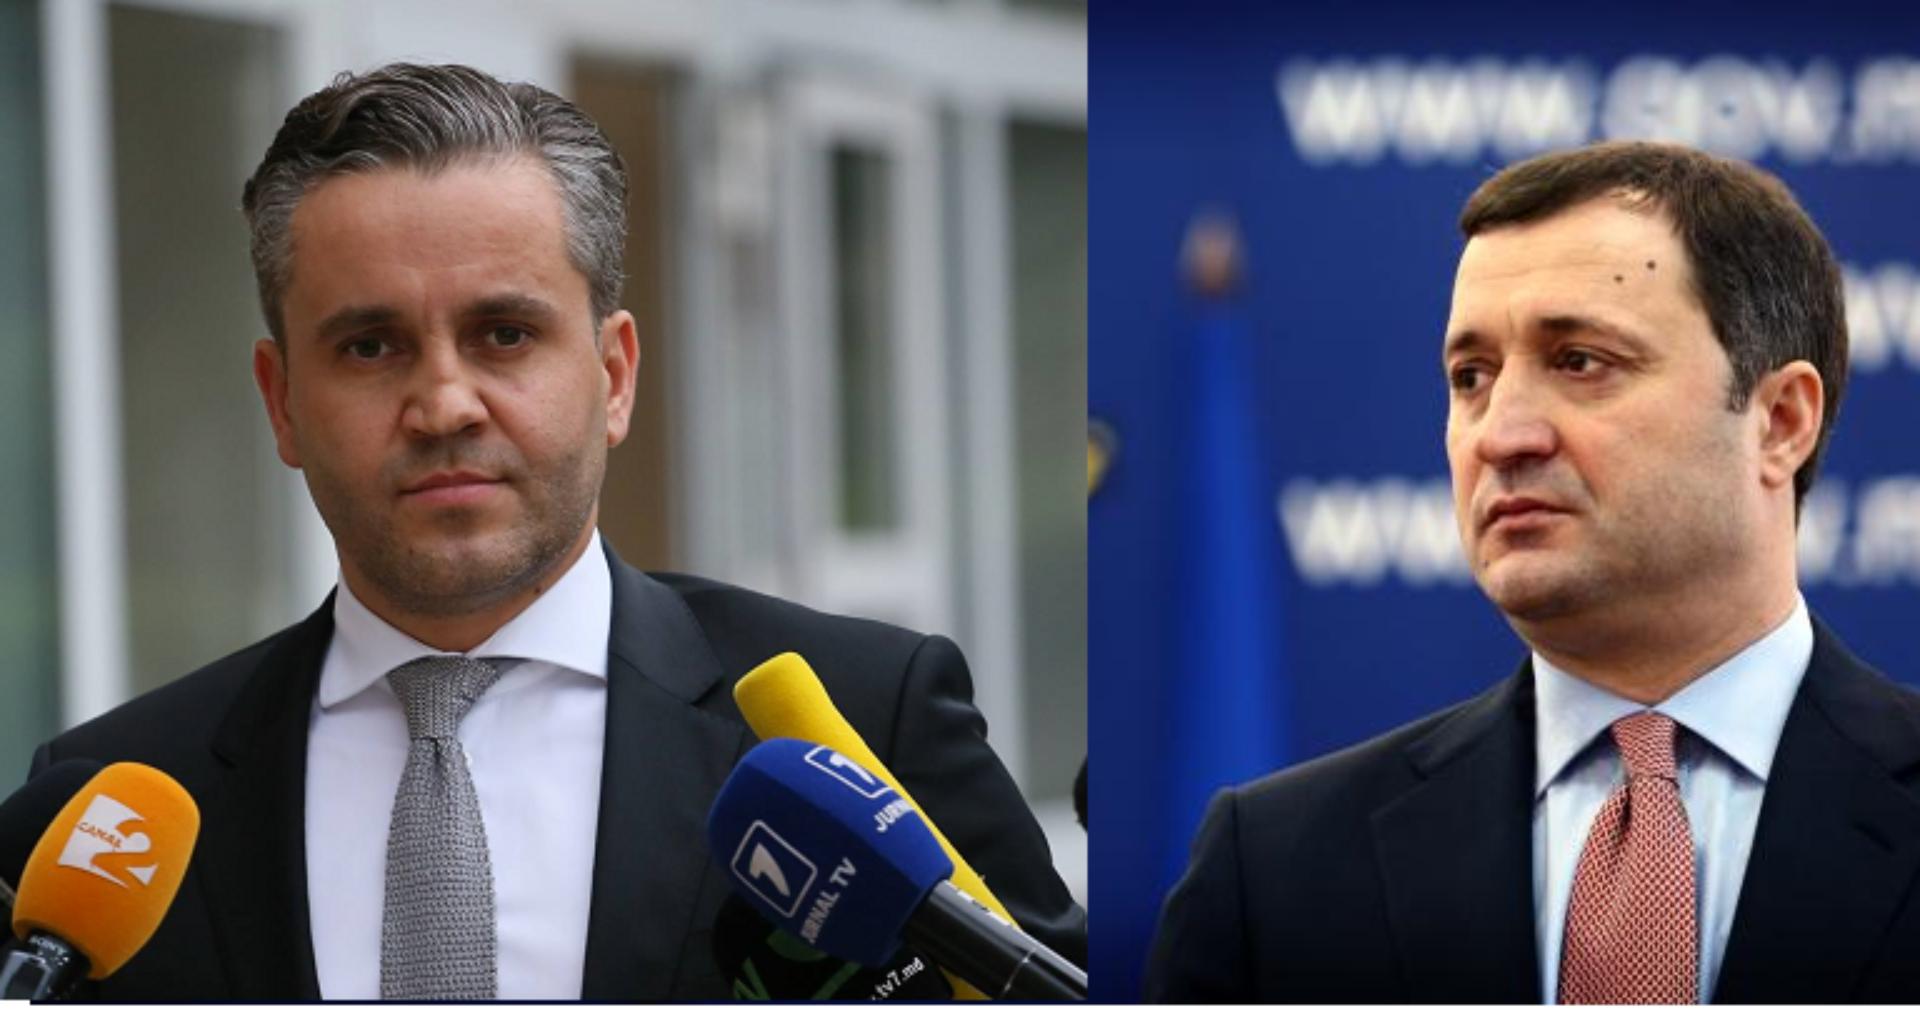 INTERVIU cu avocatul Igor Popa. Cazul Filat: Recursul în anulare, juridic sau politic?